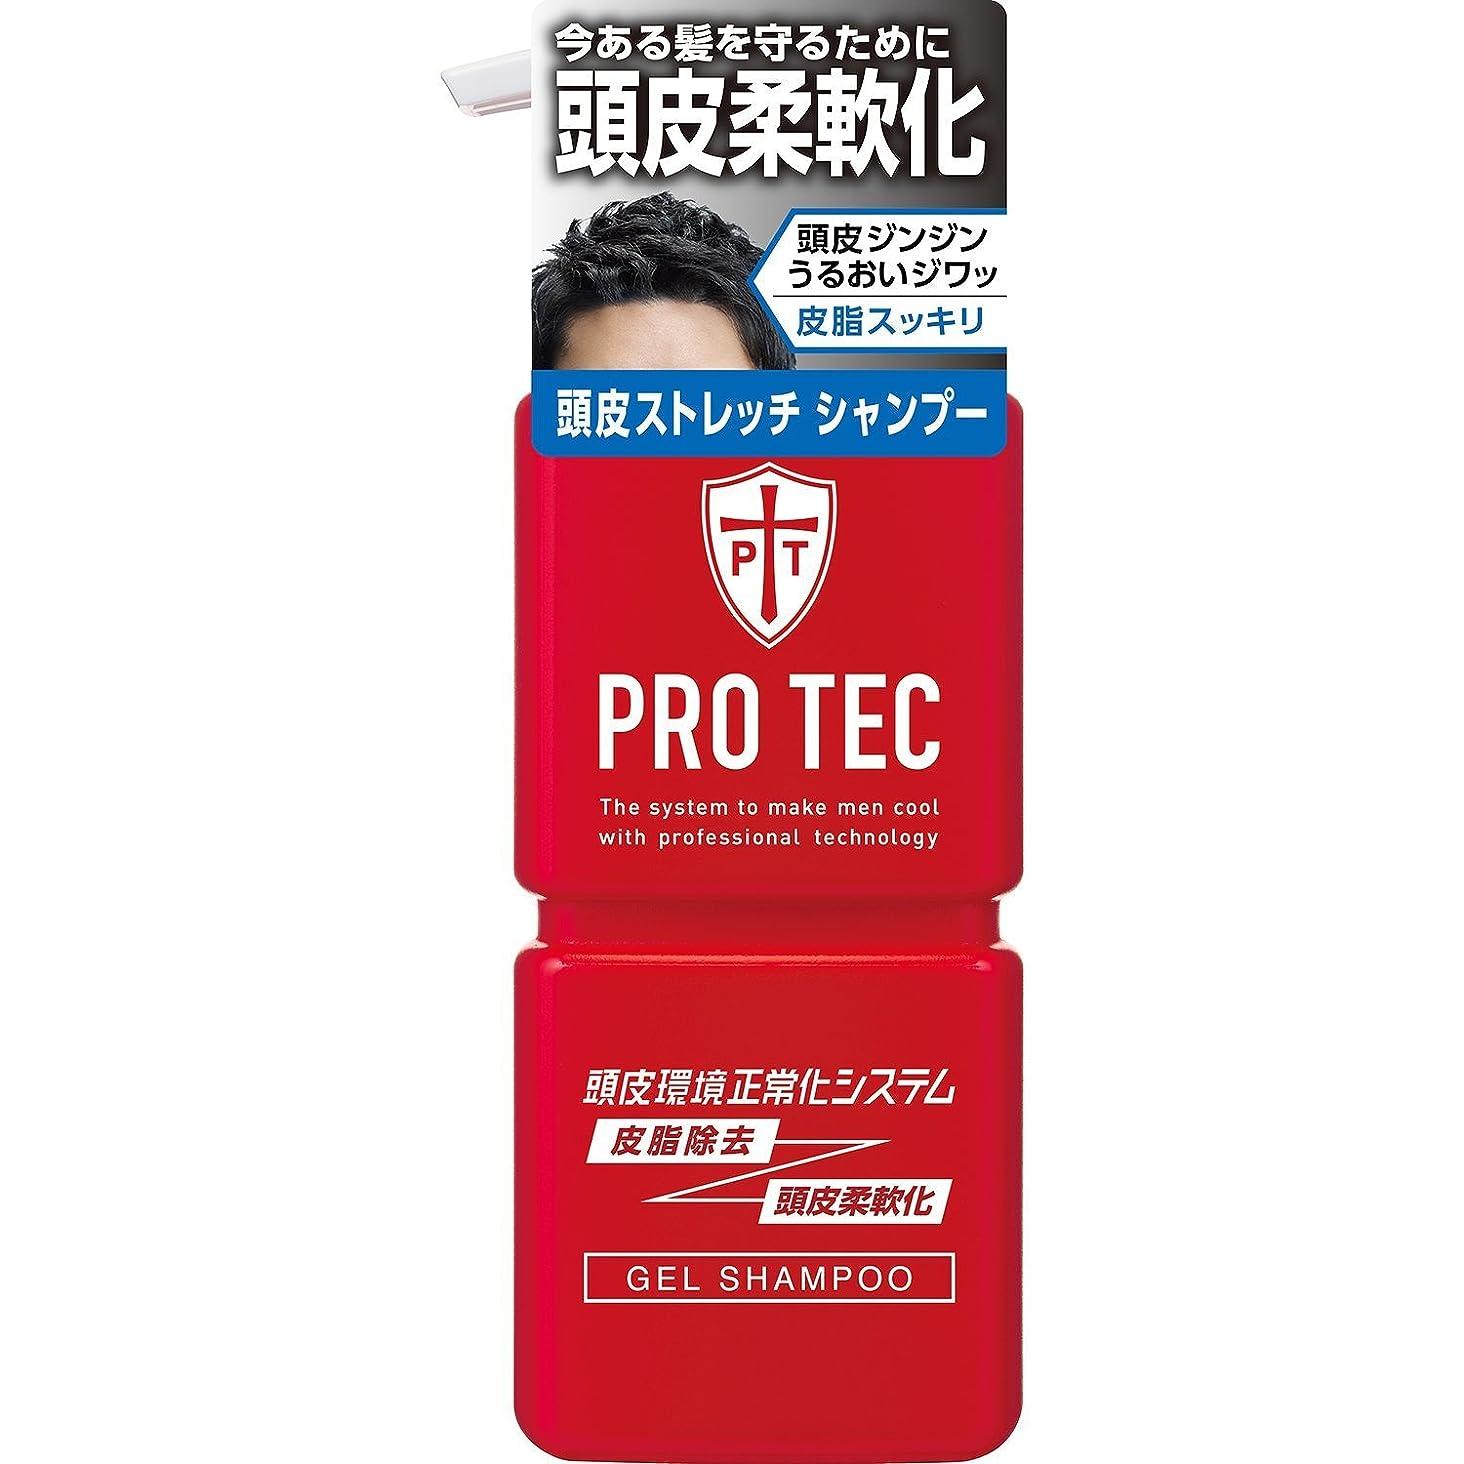 資金ぎこちないコンバーチブルPRO TEC(プロテク) 頭皮ストレッチシャンプー ポンプ 300g (医薬部外品) ×10個セット